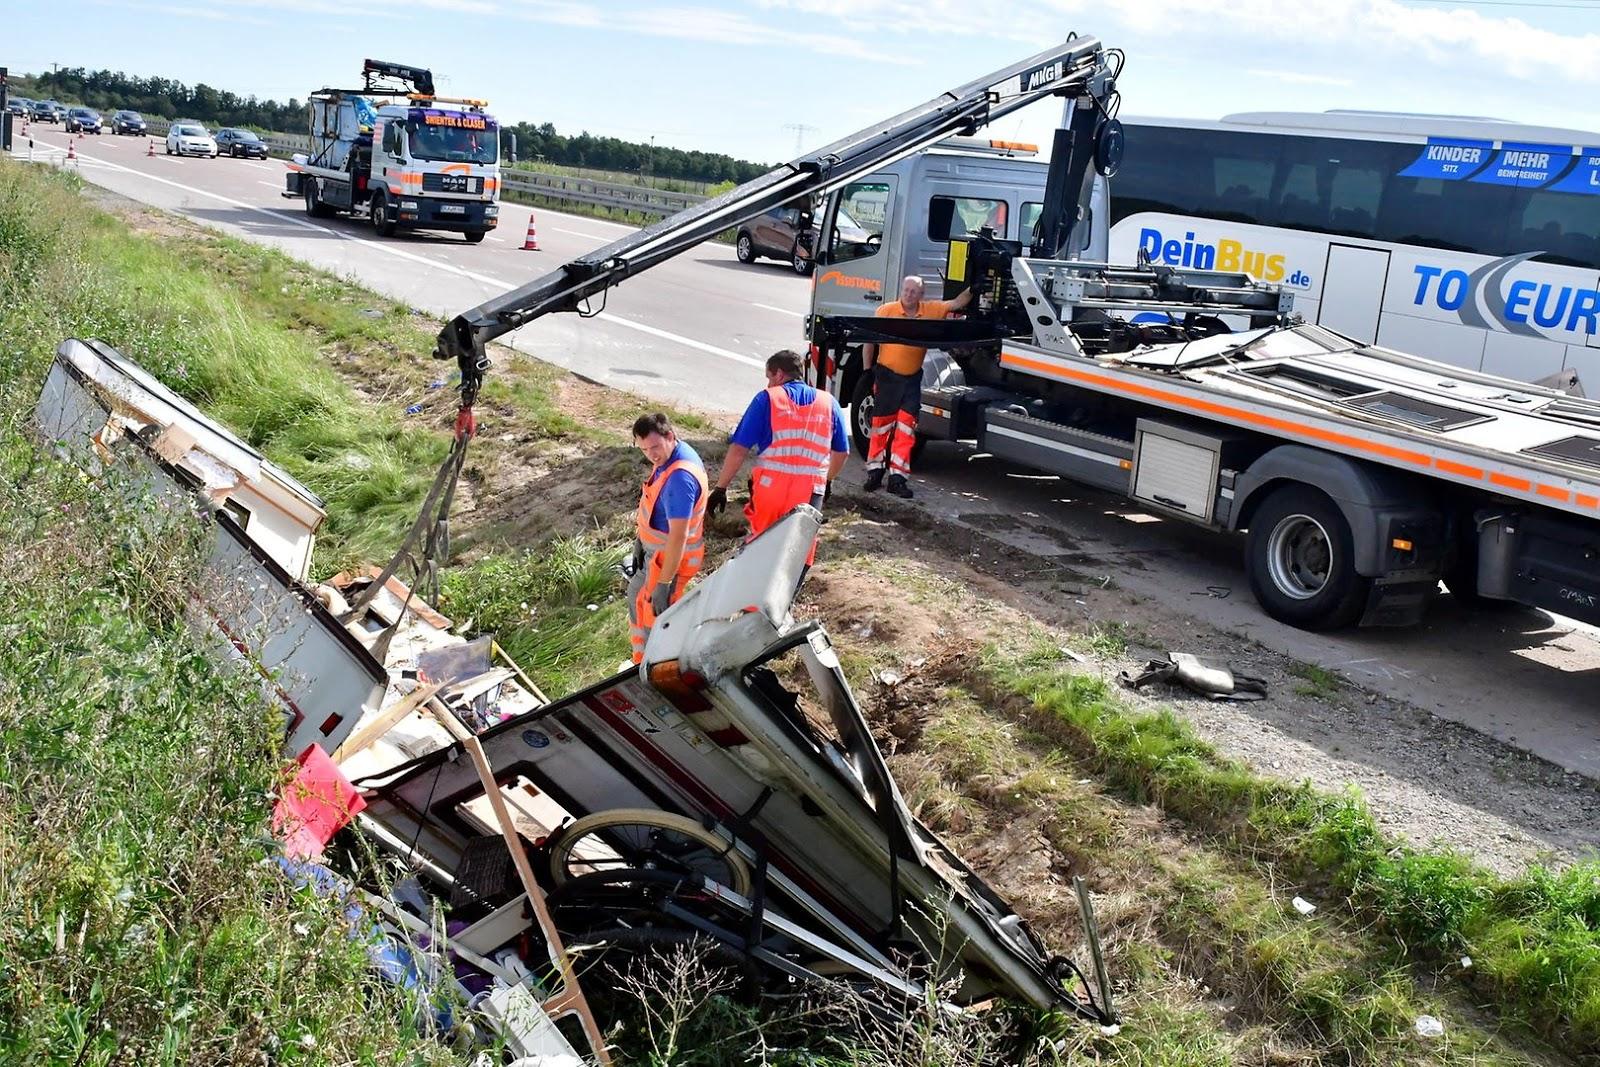 Verkehrsunfall A9 Gestern